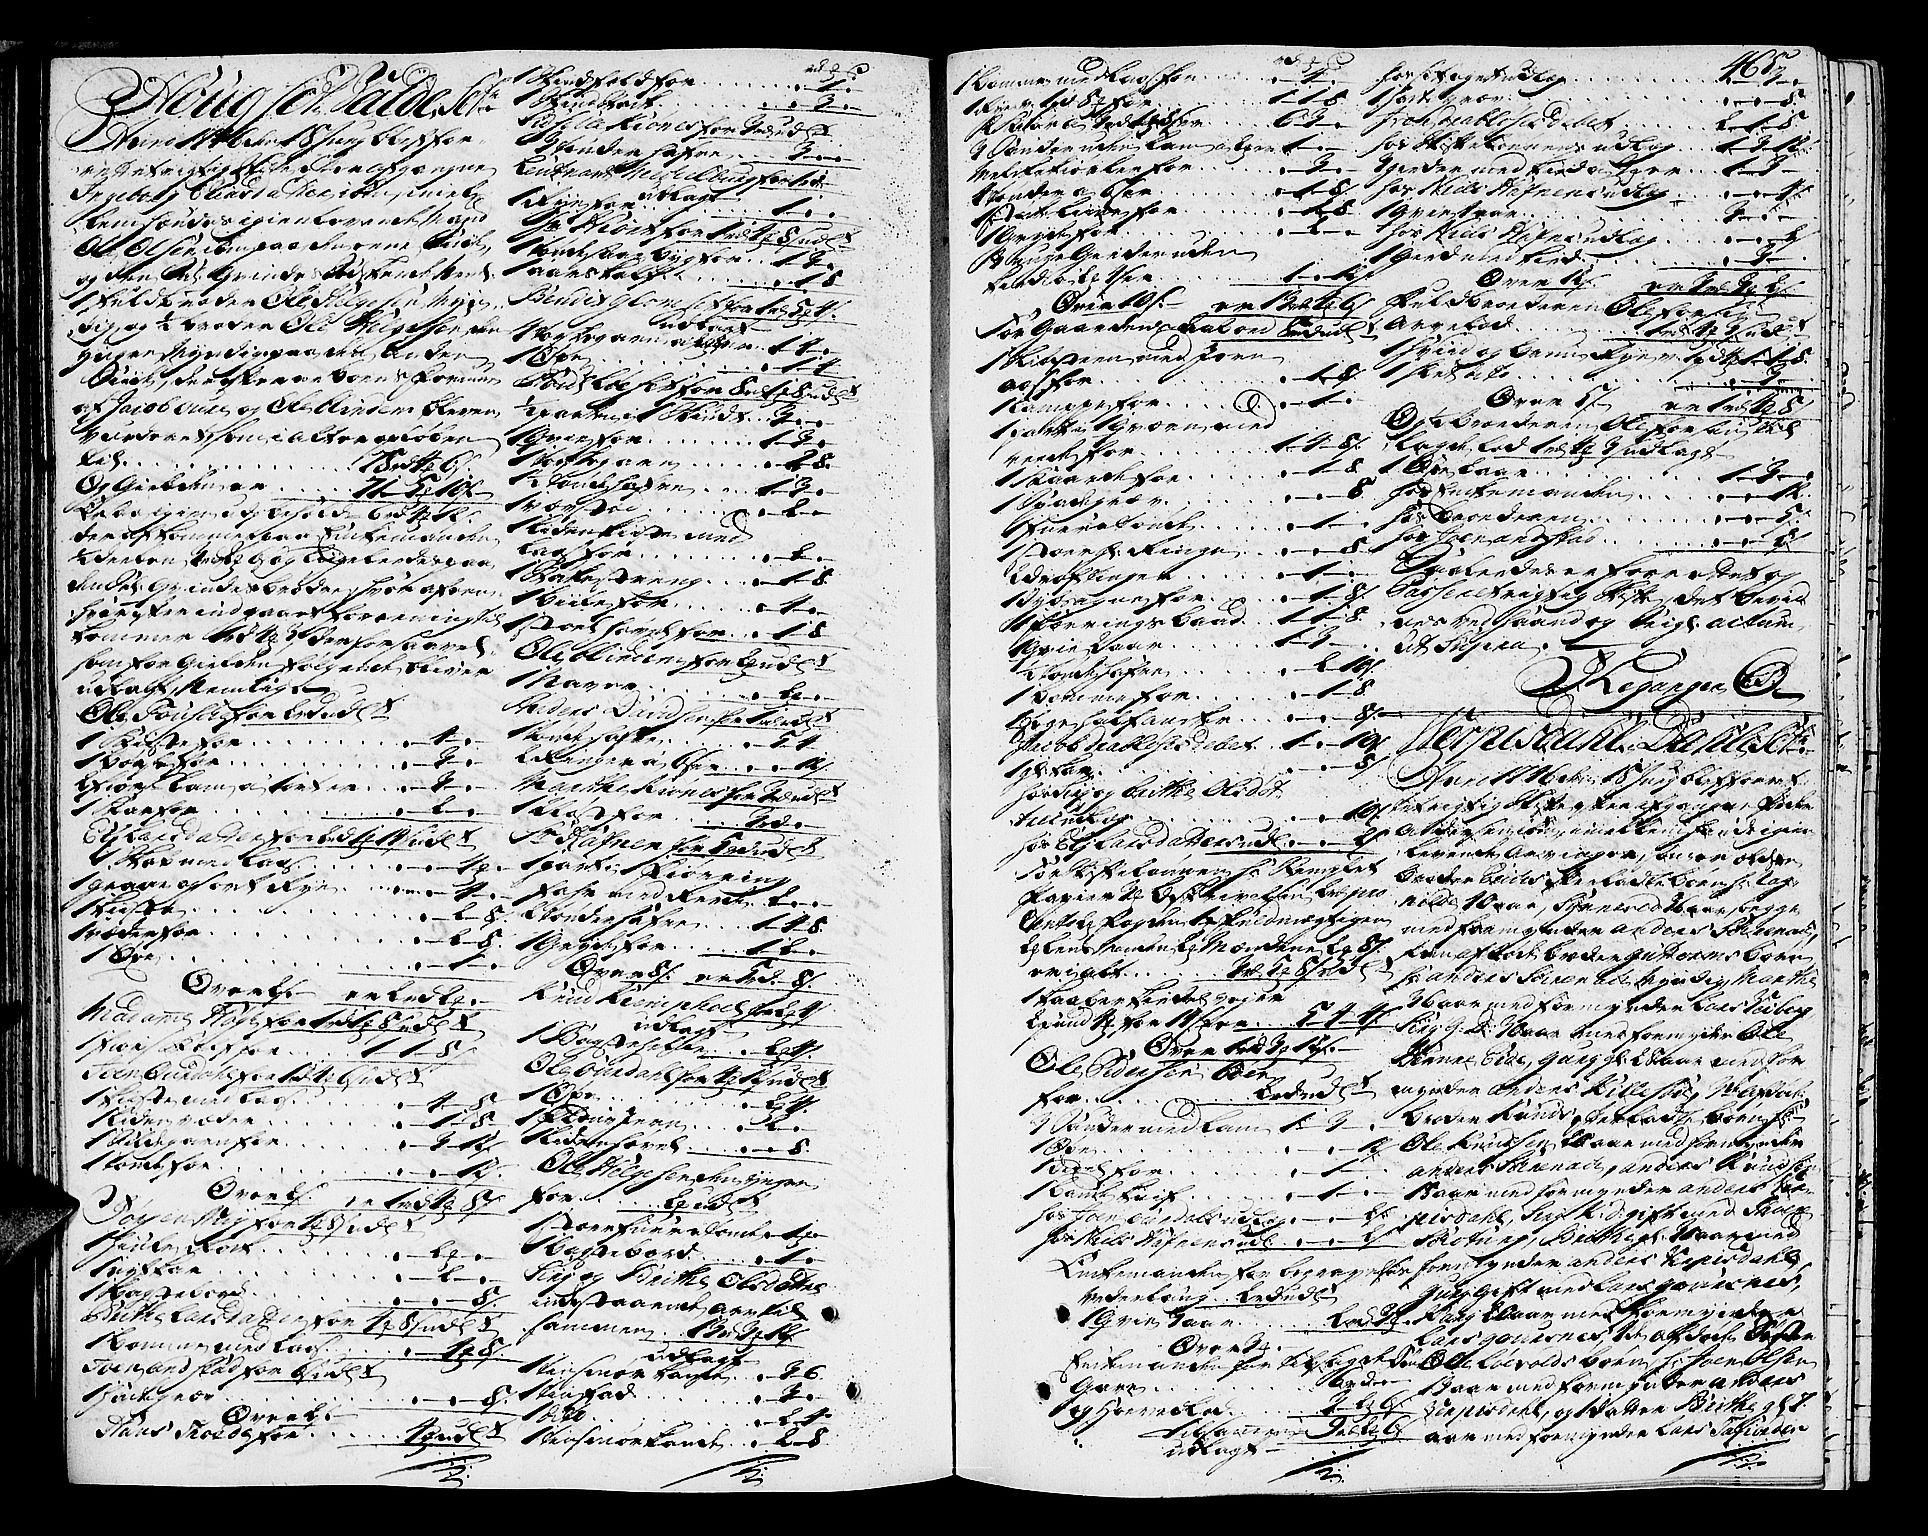 SAT, Sunnmøre sorenskriveri, 3/3A/L0016: Skifteprotokoll 12B, 1746-1749, s. 464b-465a